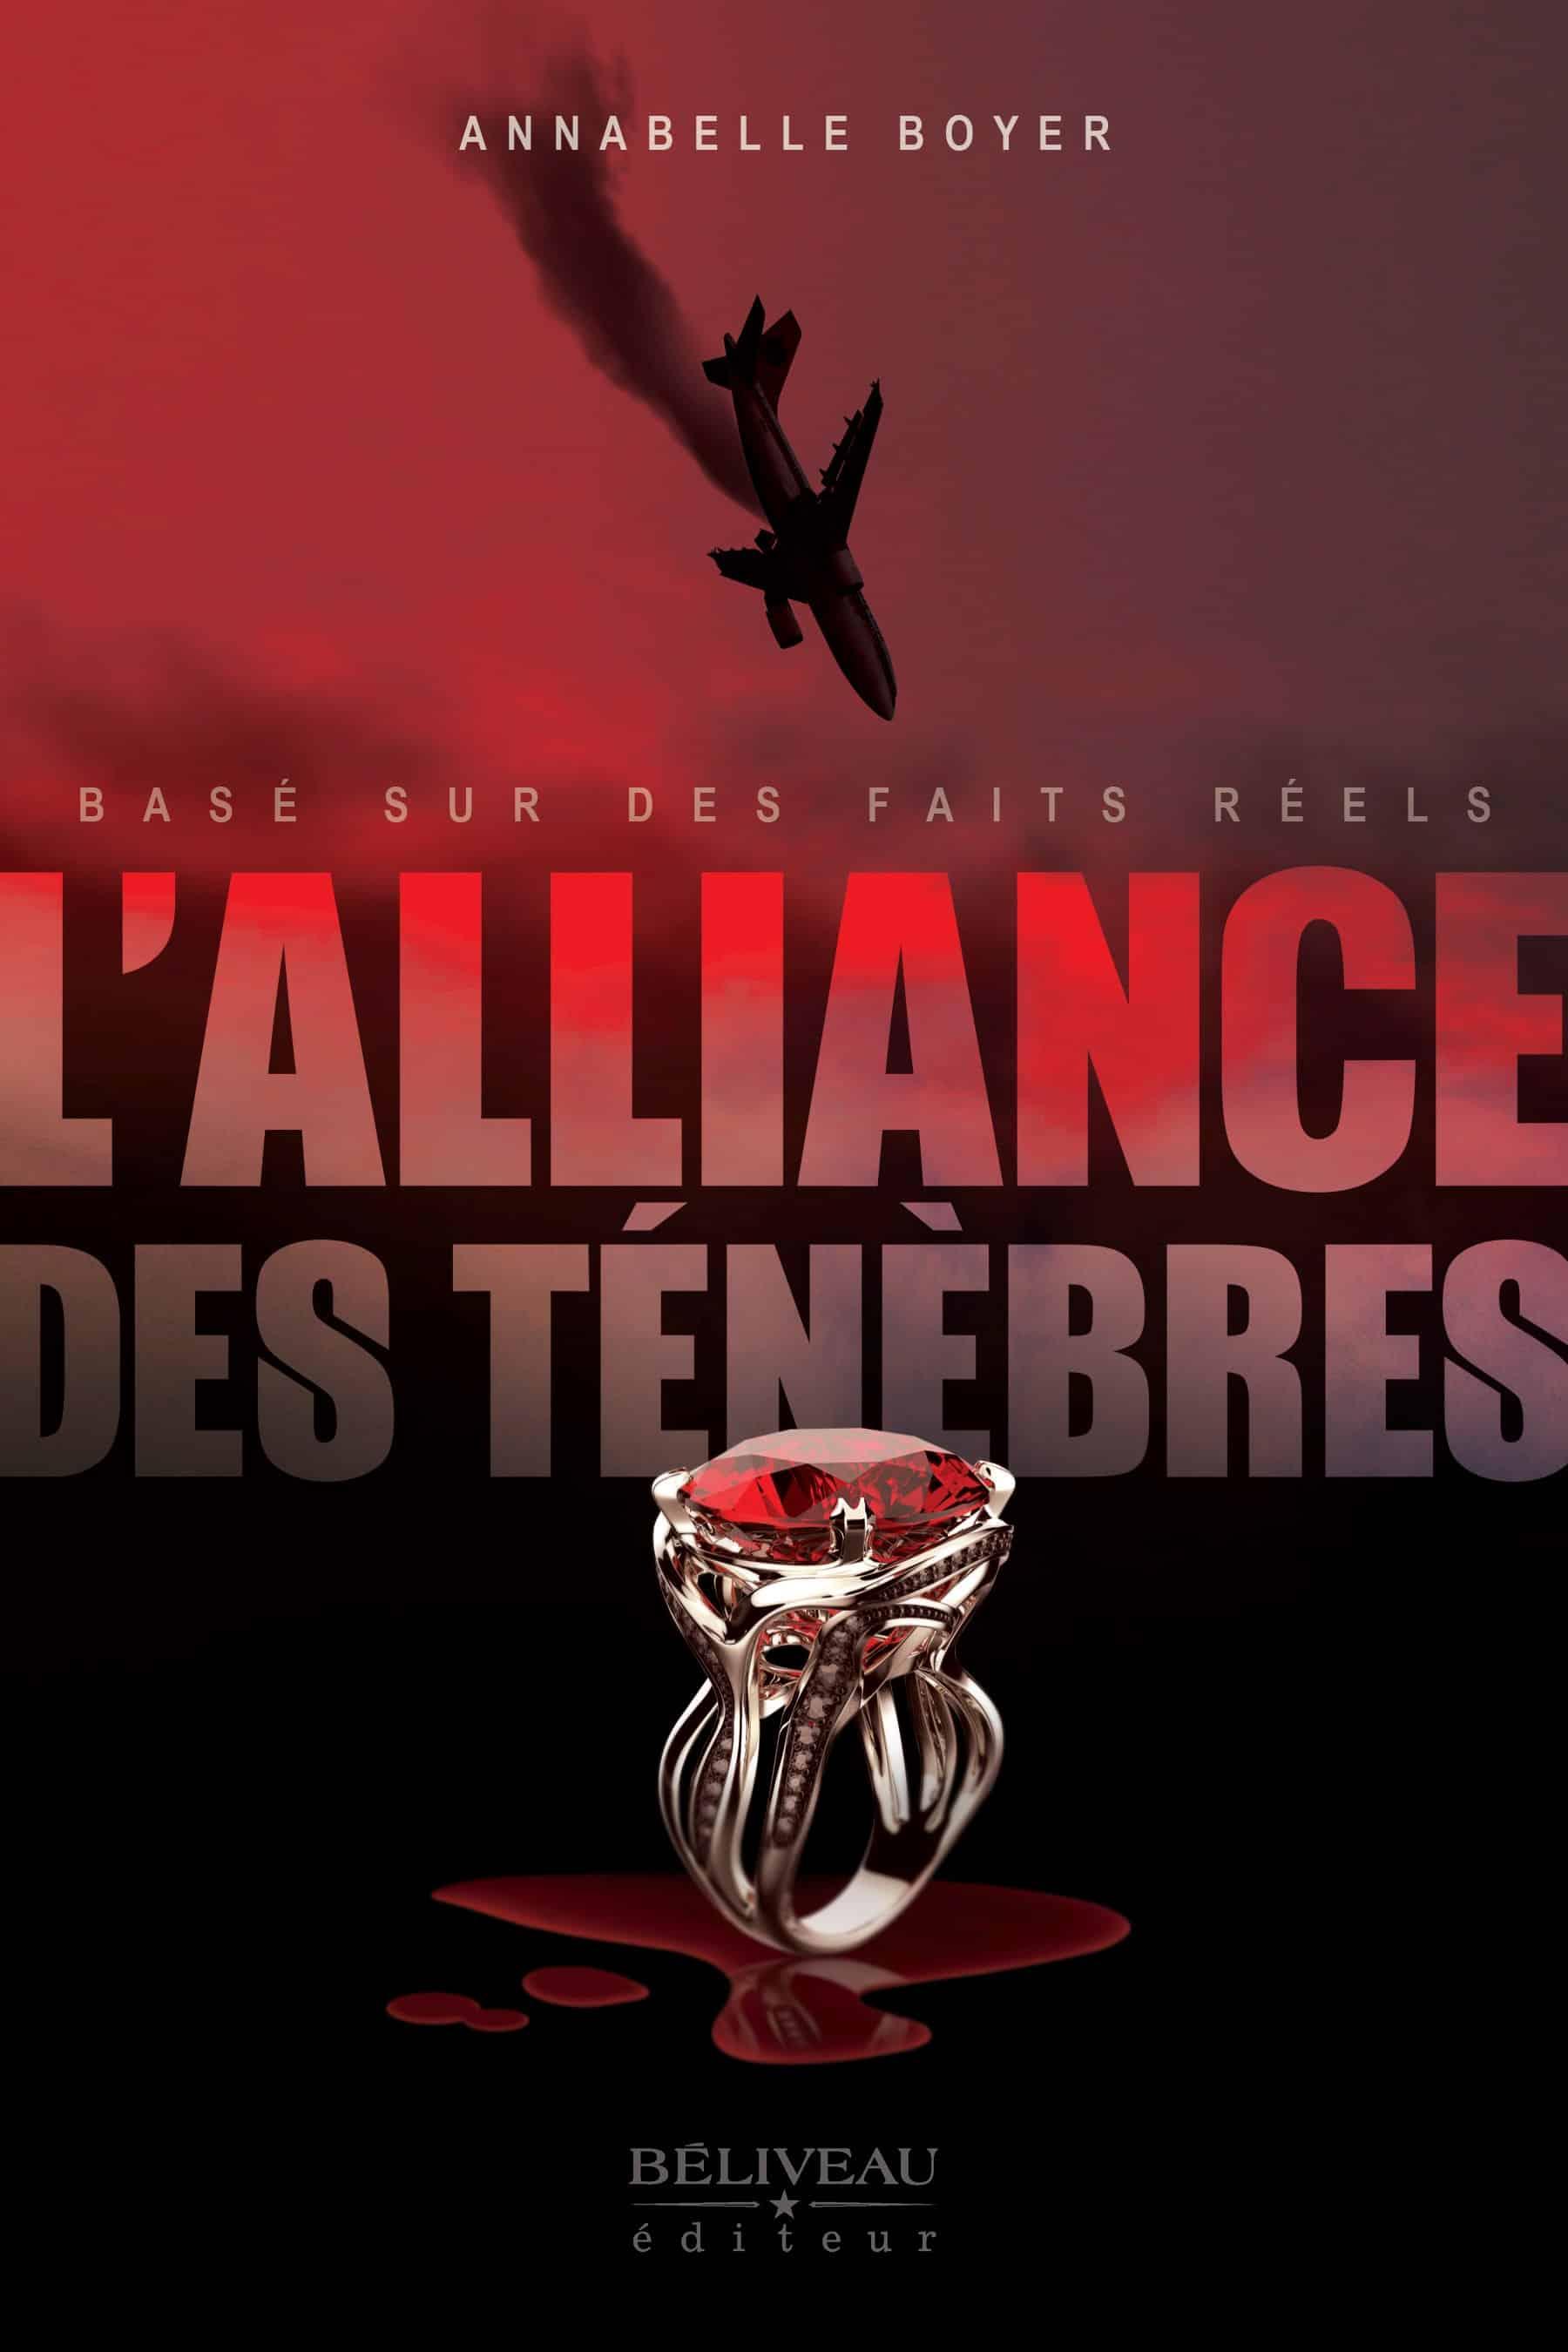 Annabelle_Boyer_Alliance_des_tenebres_final